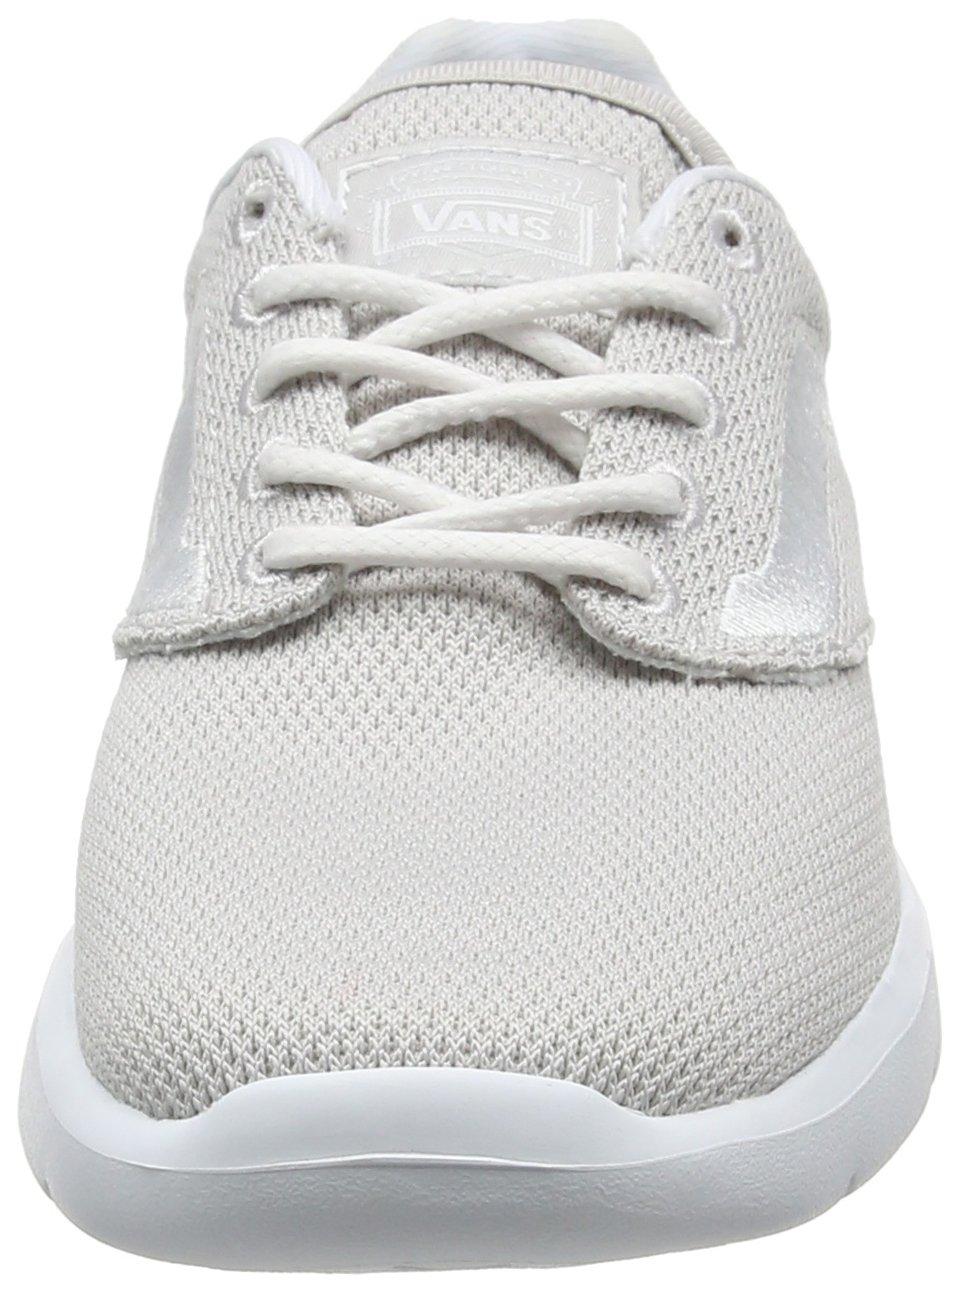 66e7cb28e98a3 Zapatillas de deporte Vans ISO 1.5 para hombre   True White Running  Trainers Wind Chime   True White